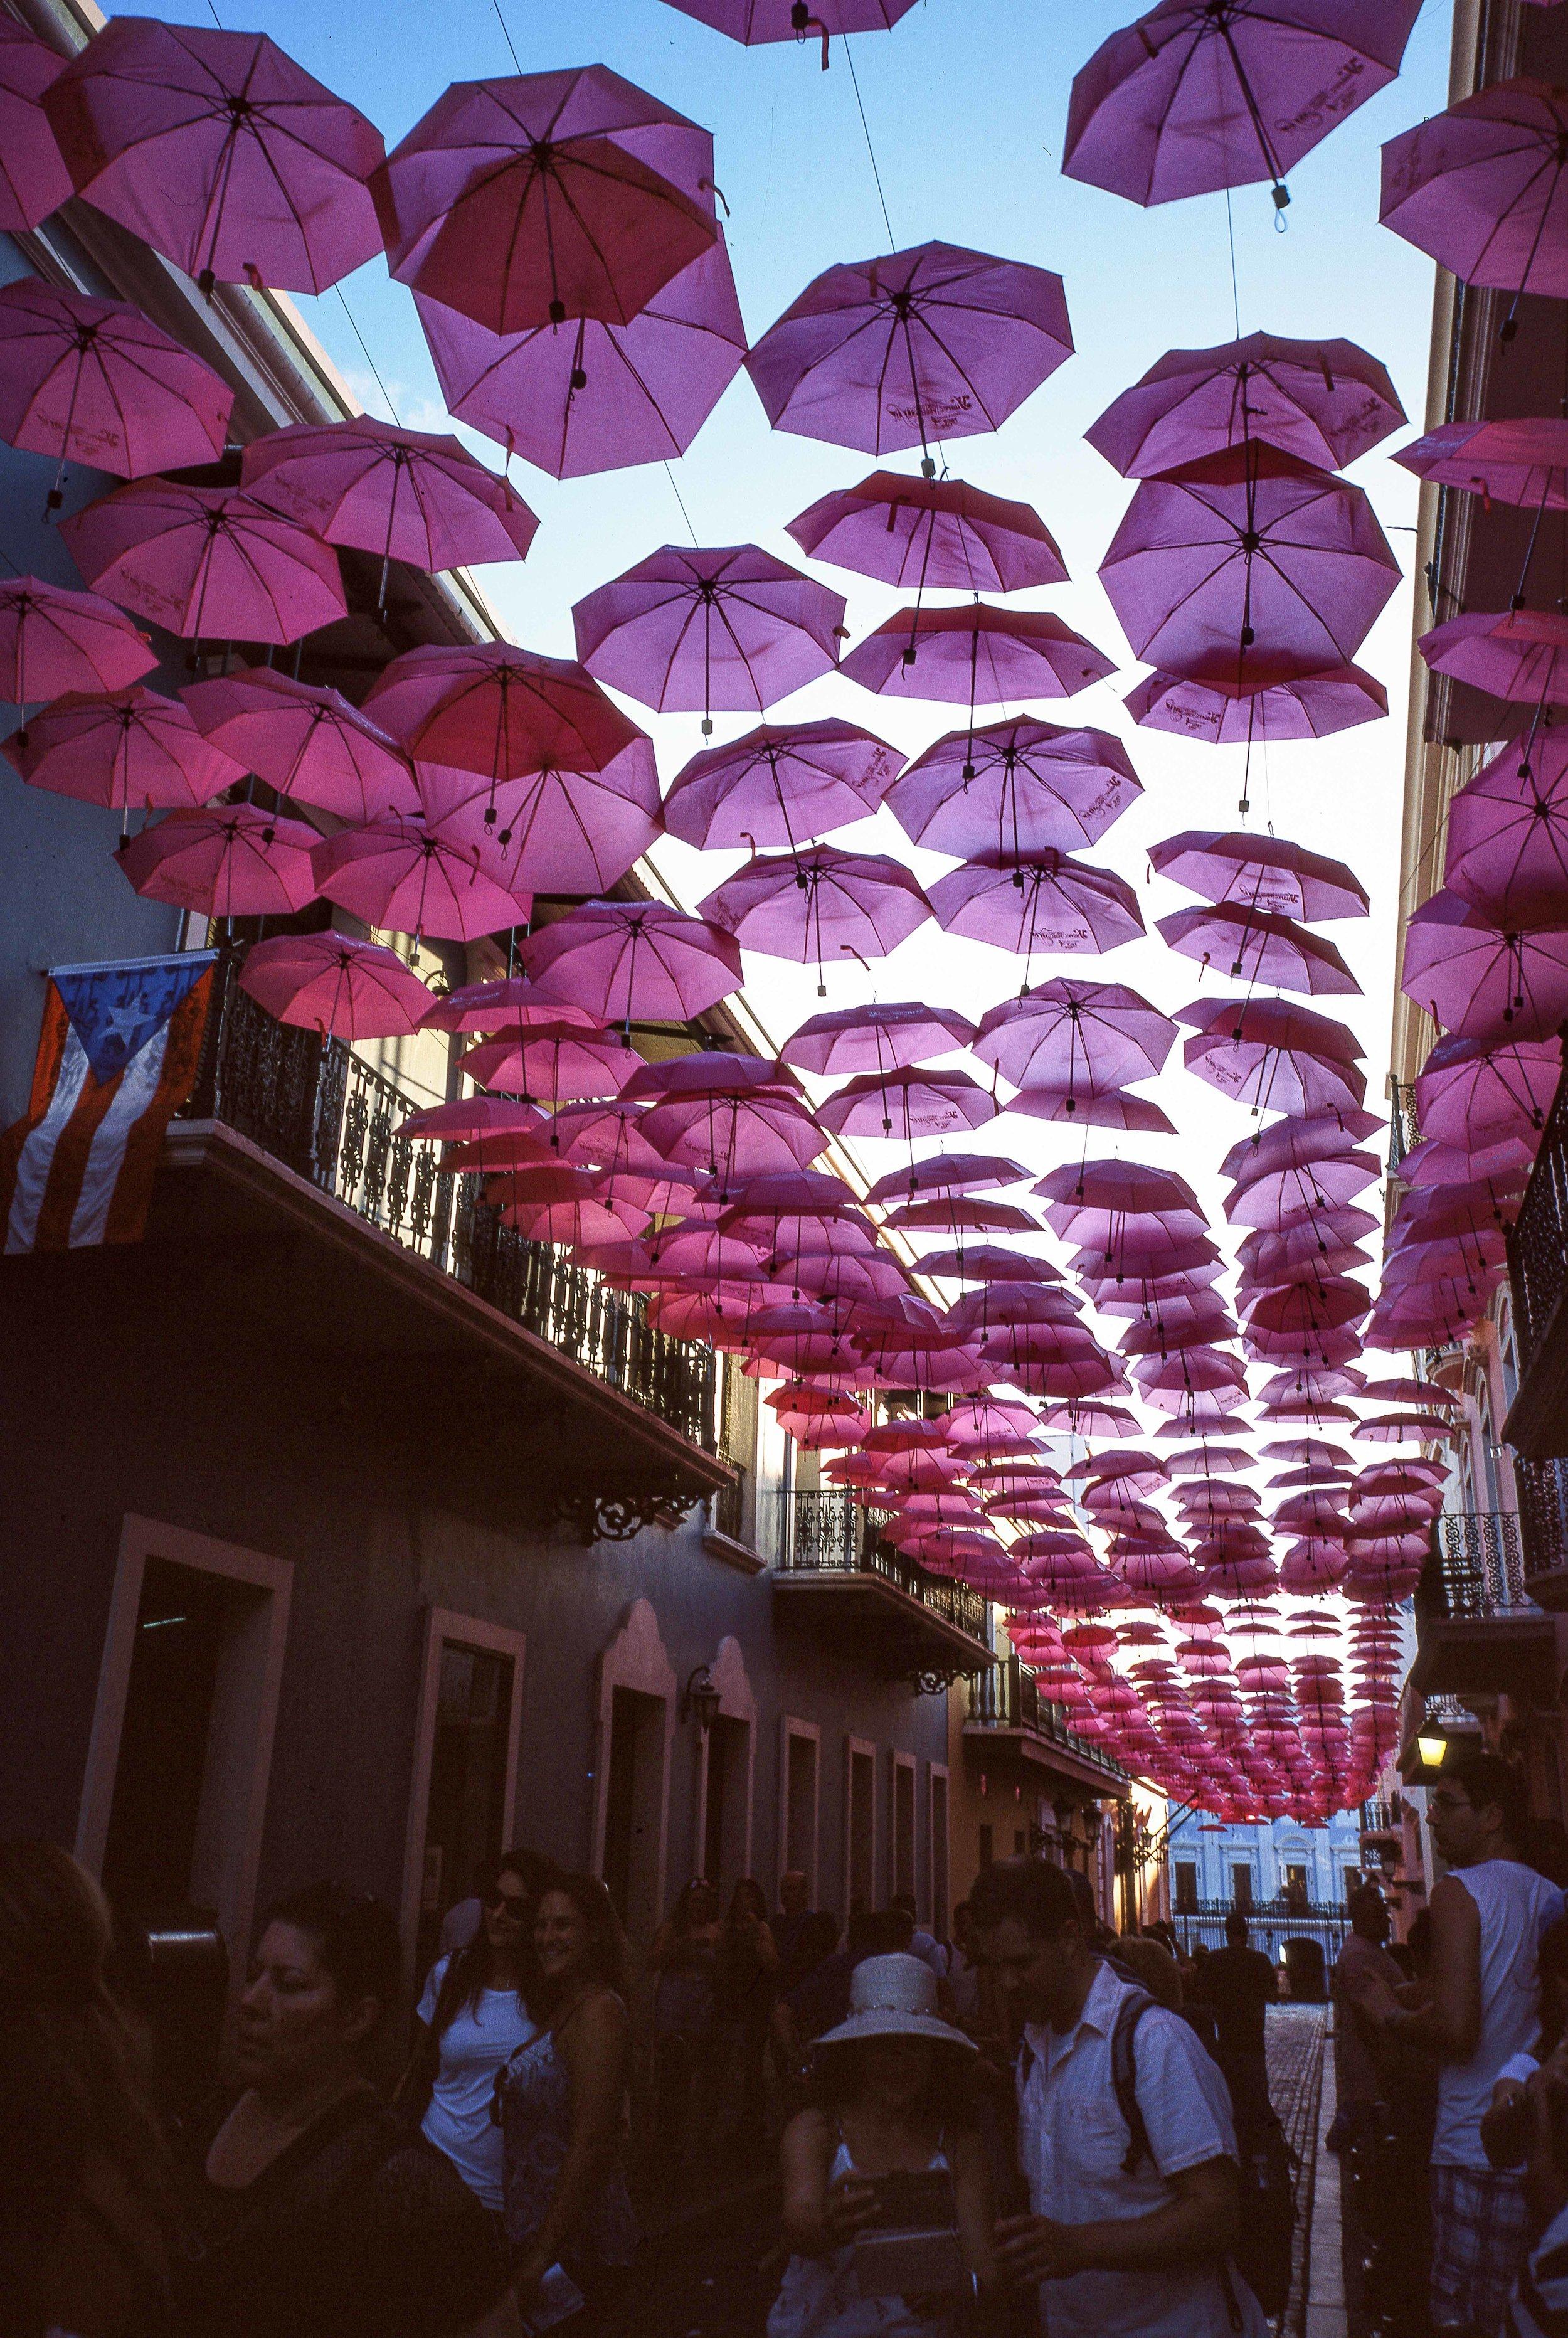 Looking down a street in Old San Juan, Puerto Rico